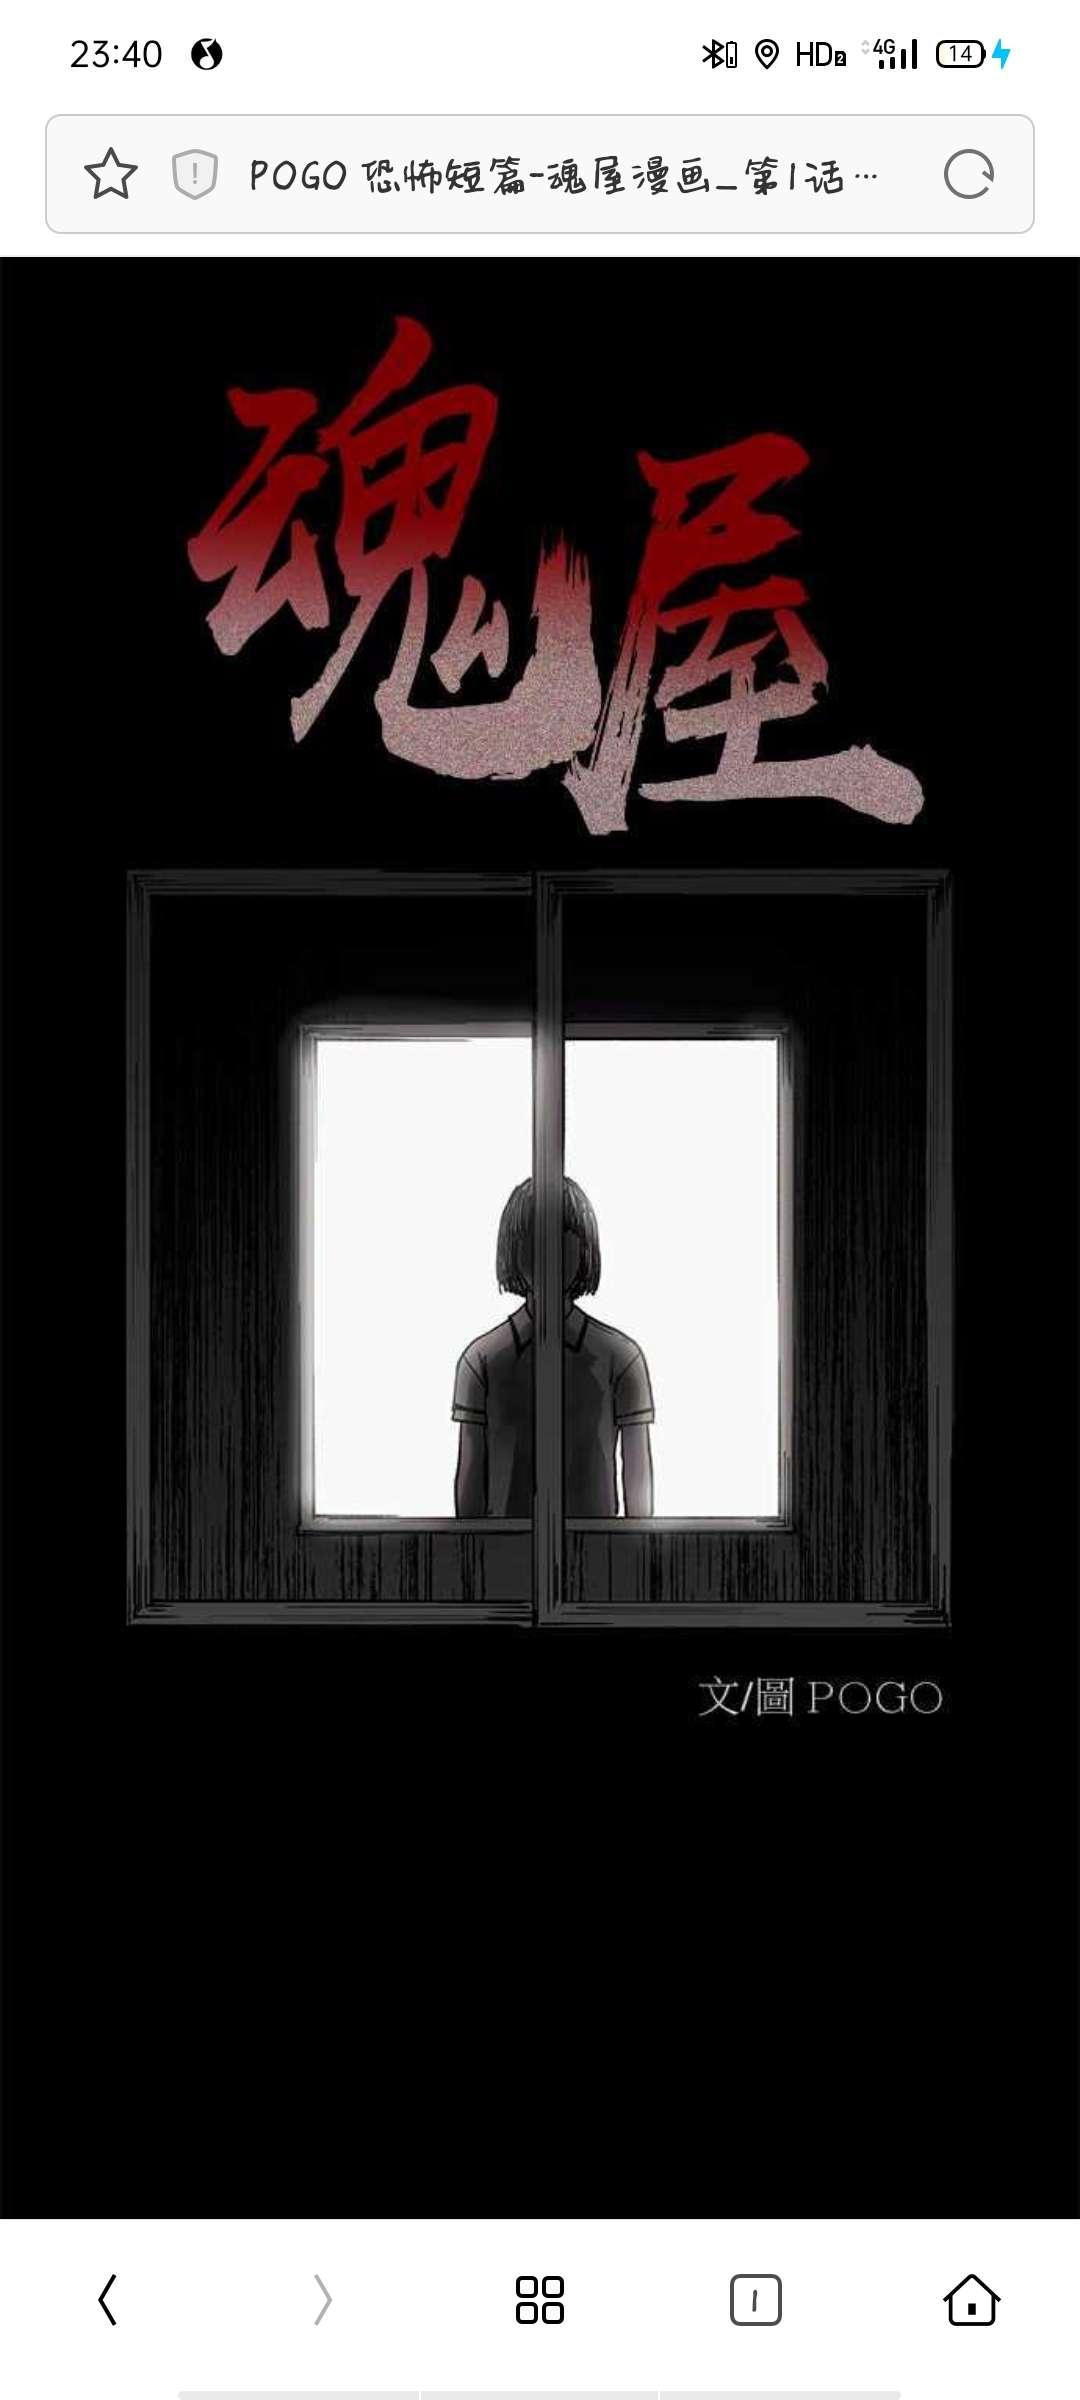 【漫画】POGO恐怖短篇-魂屋-小柚妹站